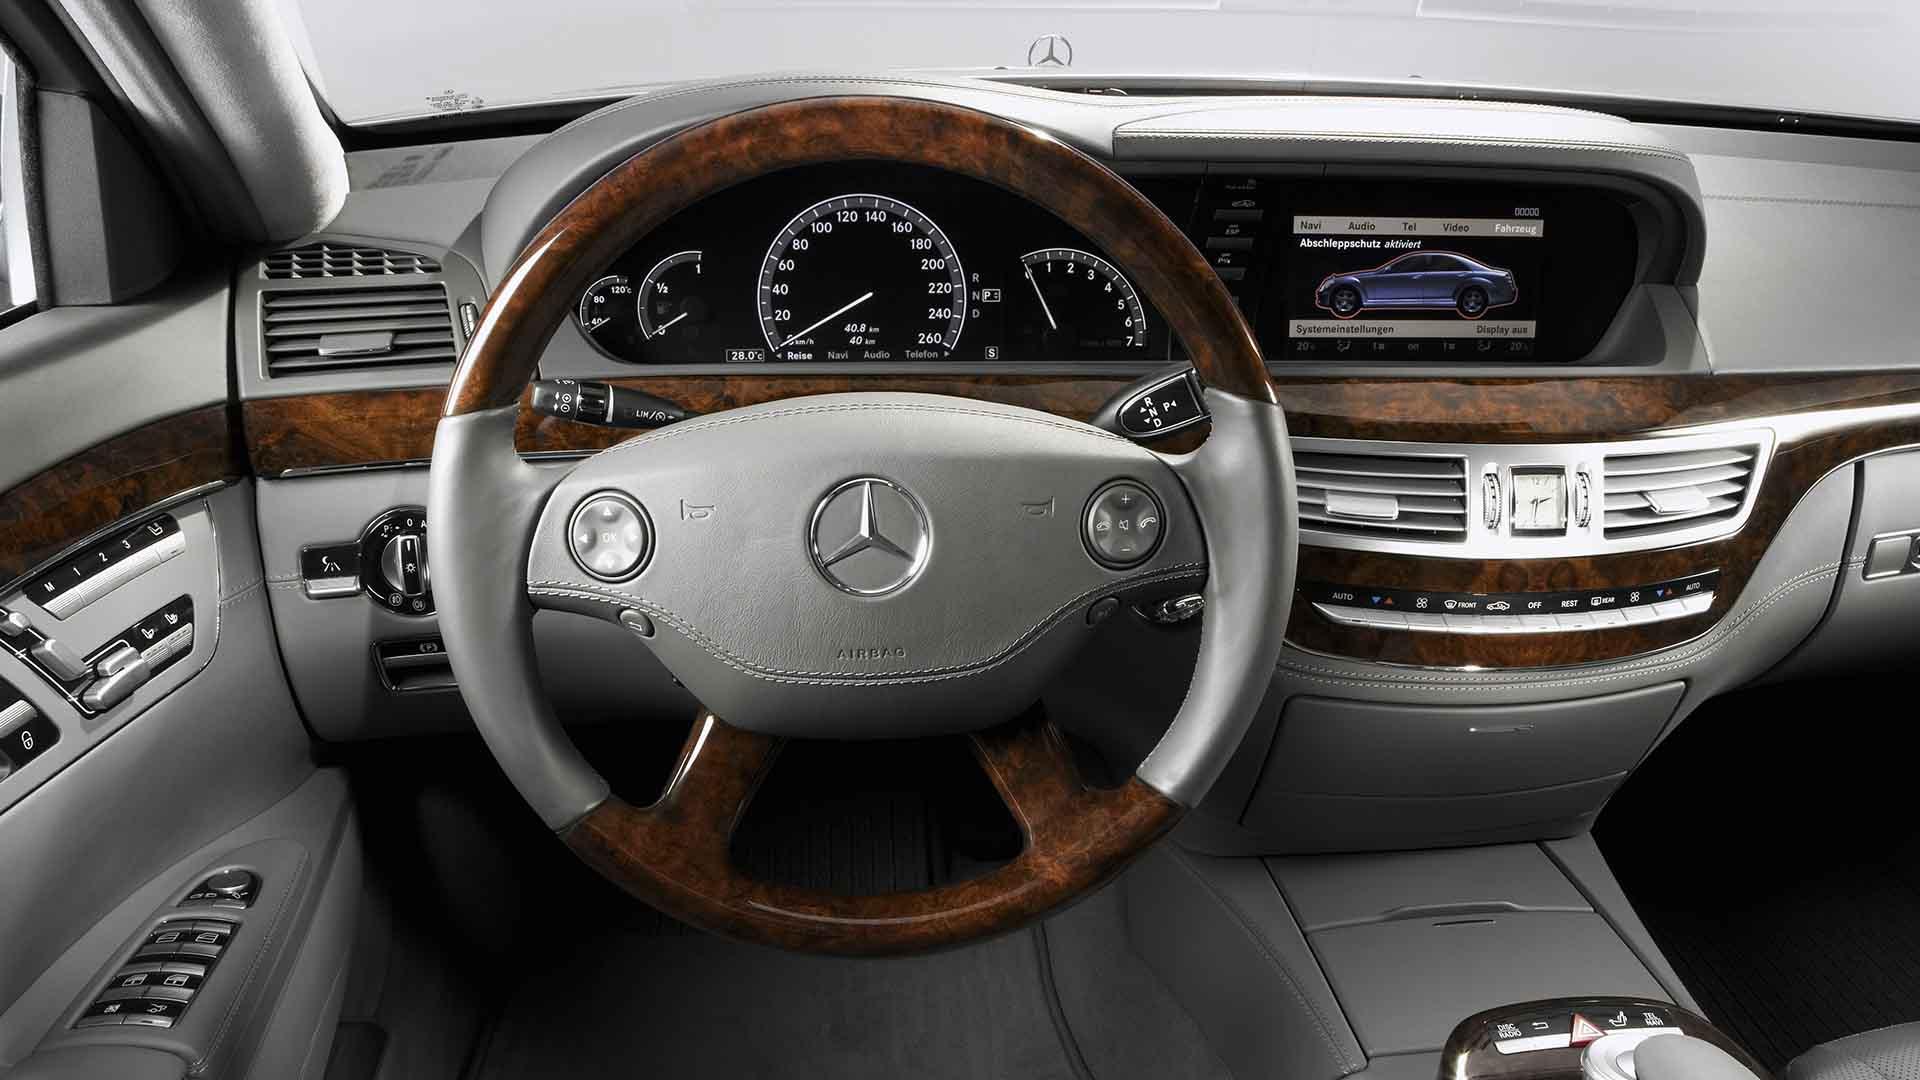 Steering wheel gearshift